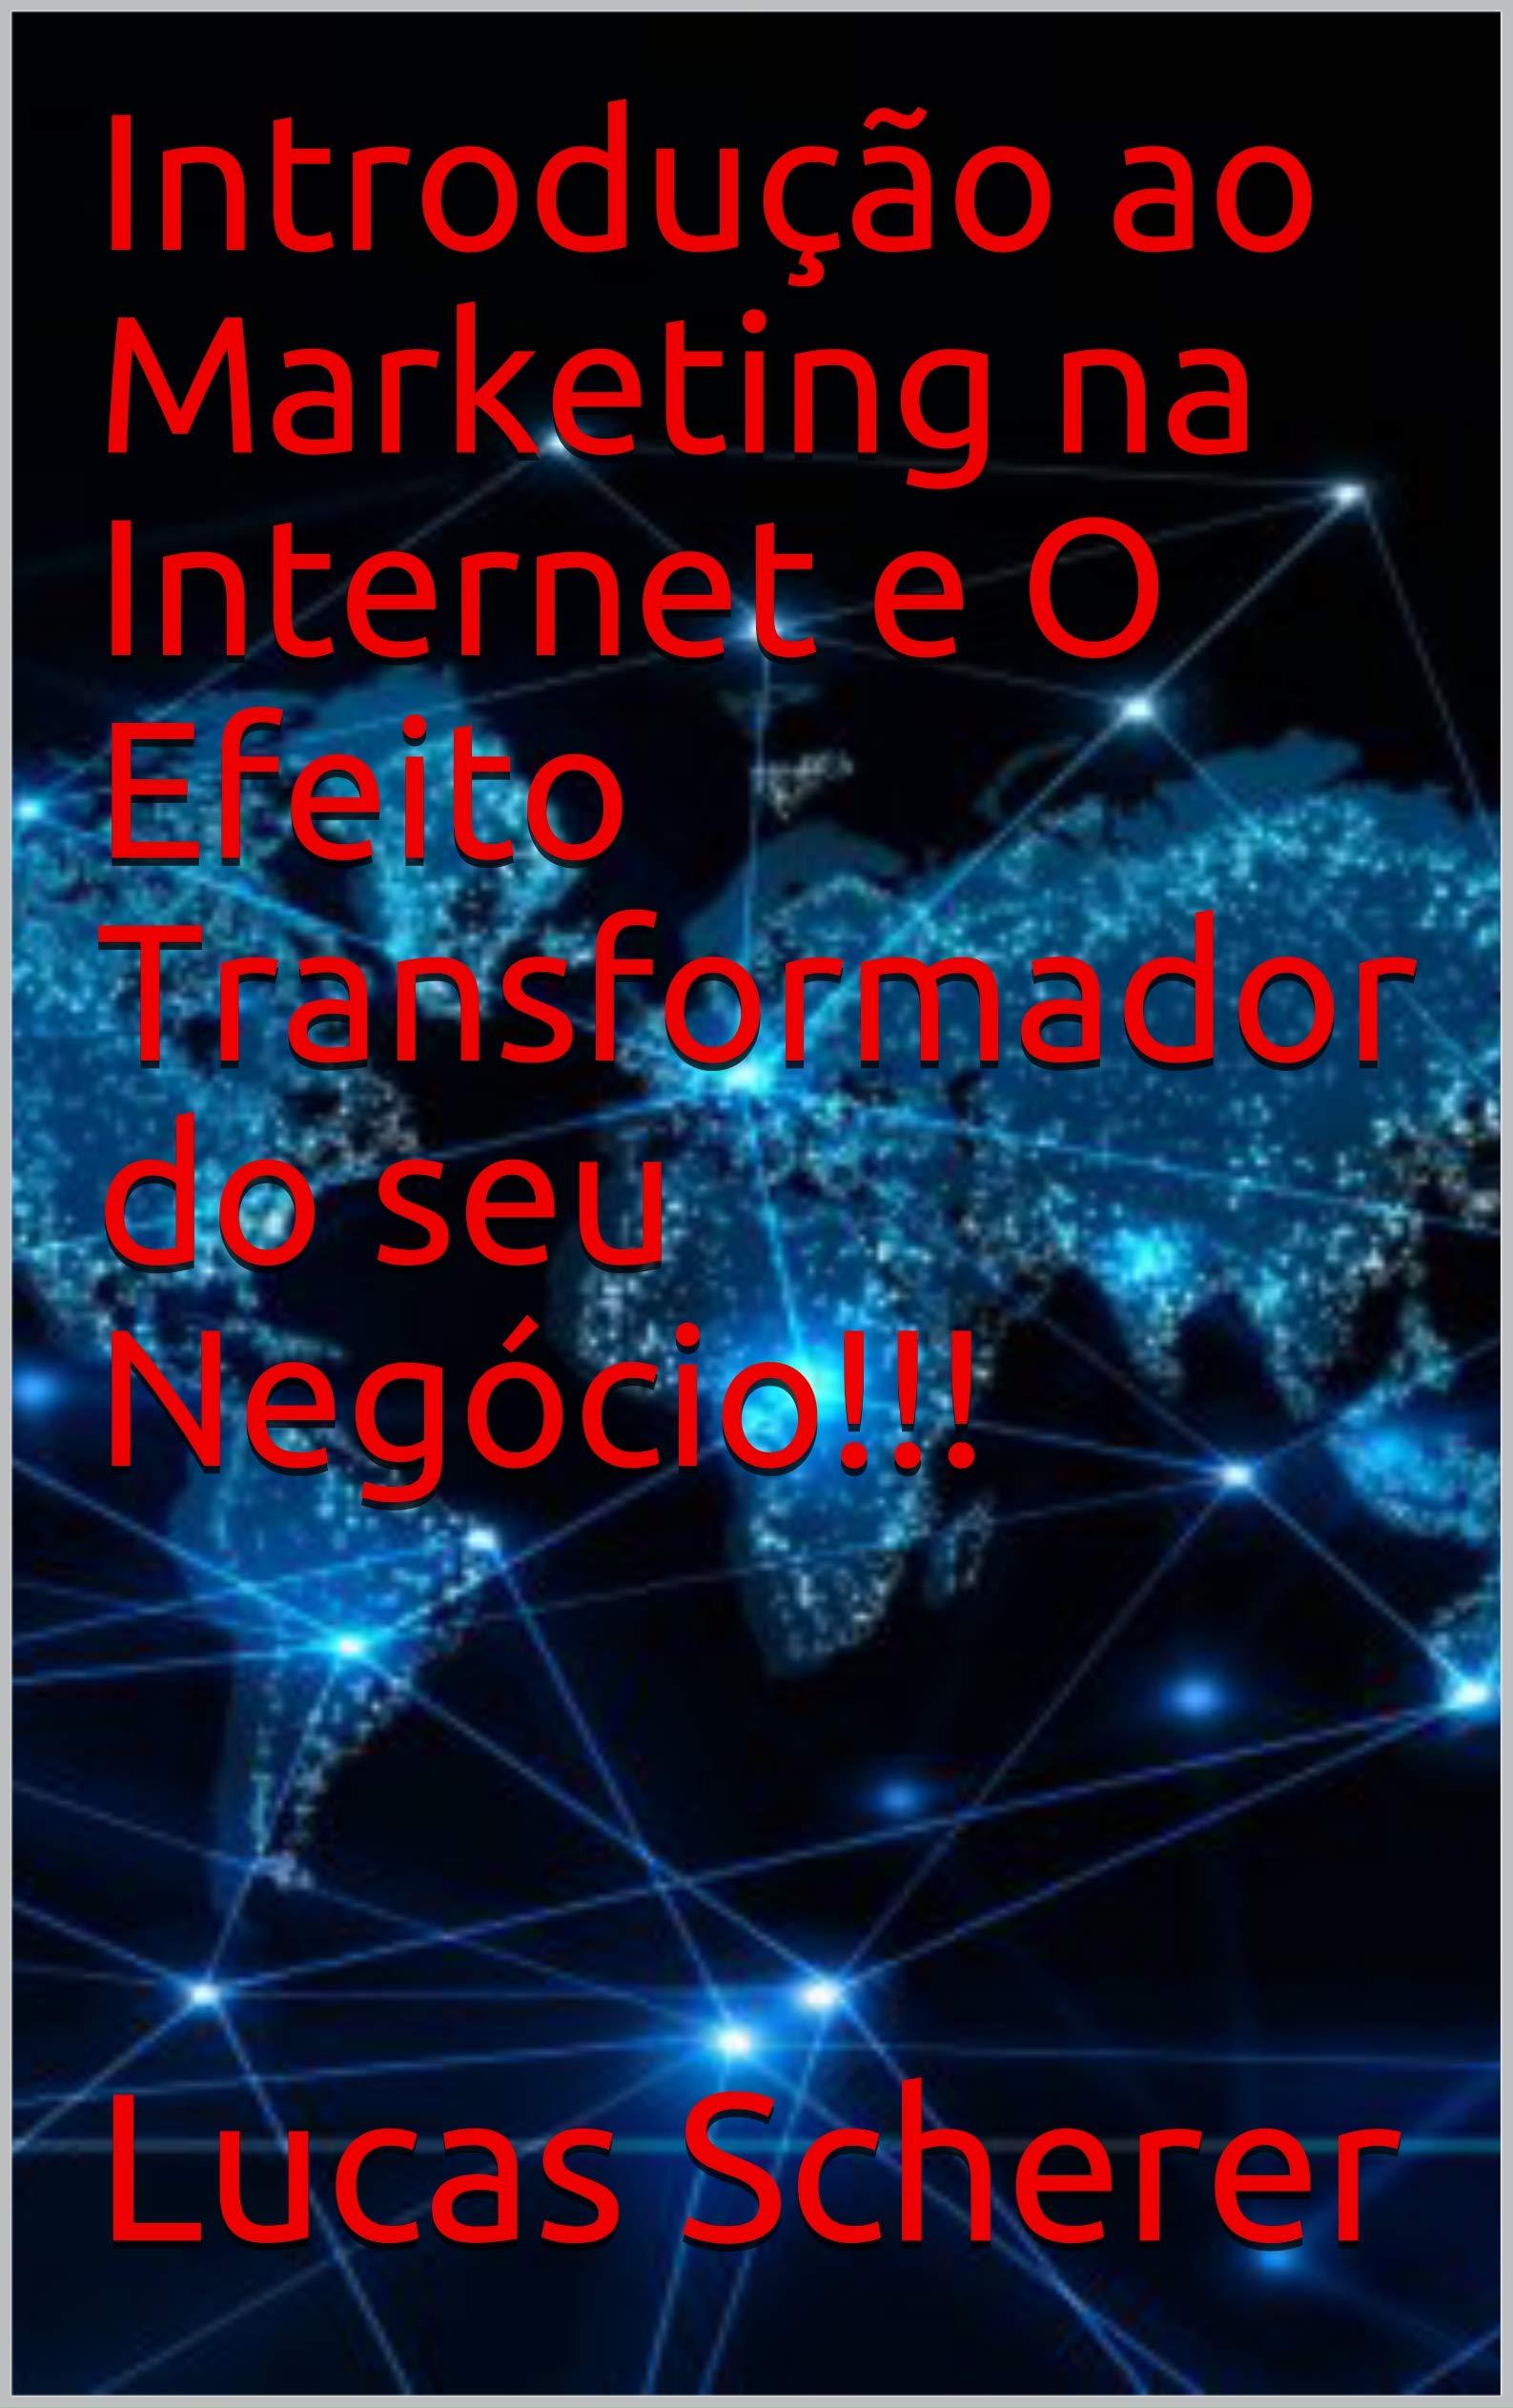 Introdução ao Marketing na Internet e O Efeito Transformador do seu Negócio!!! (Portuguese Edition)